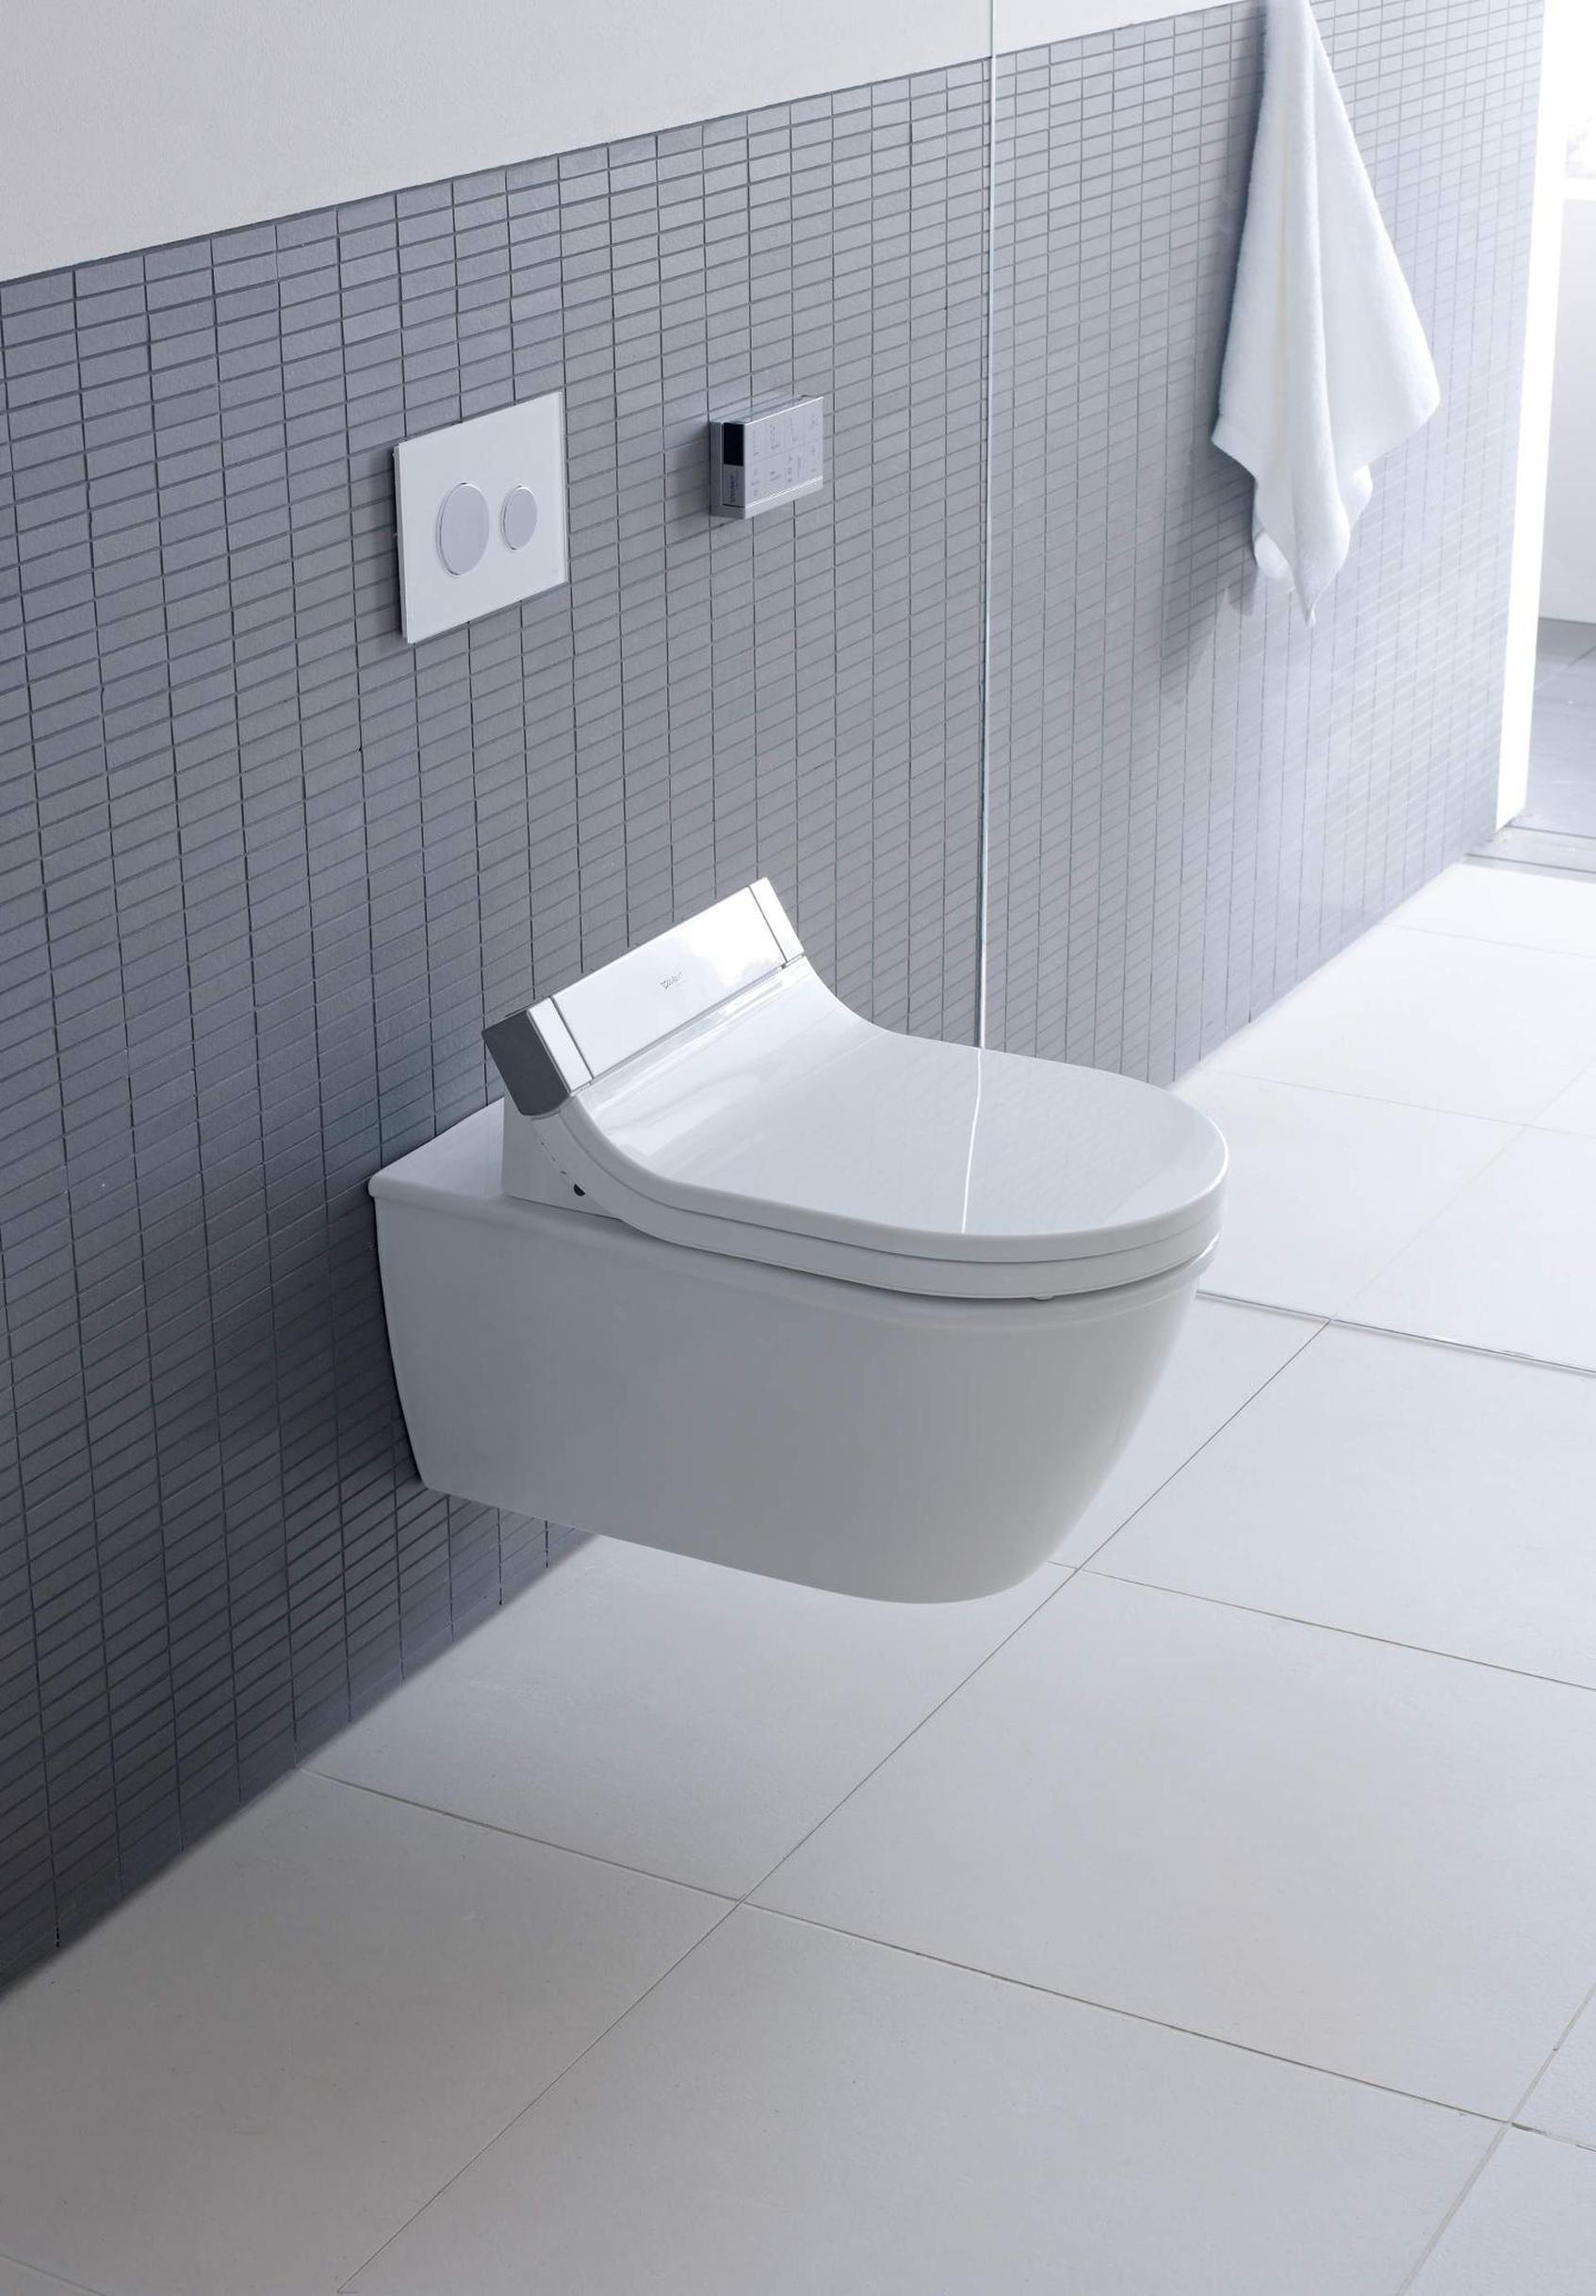 Toaleta Myjąca Top 6 Najlepszych Propozycji ⭐ Zobacz